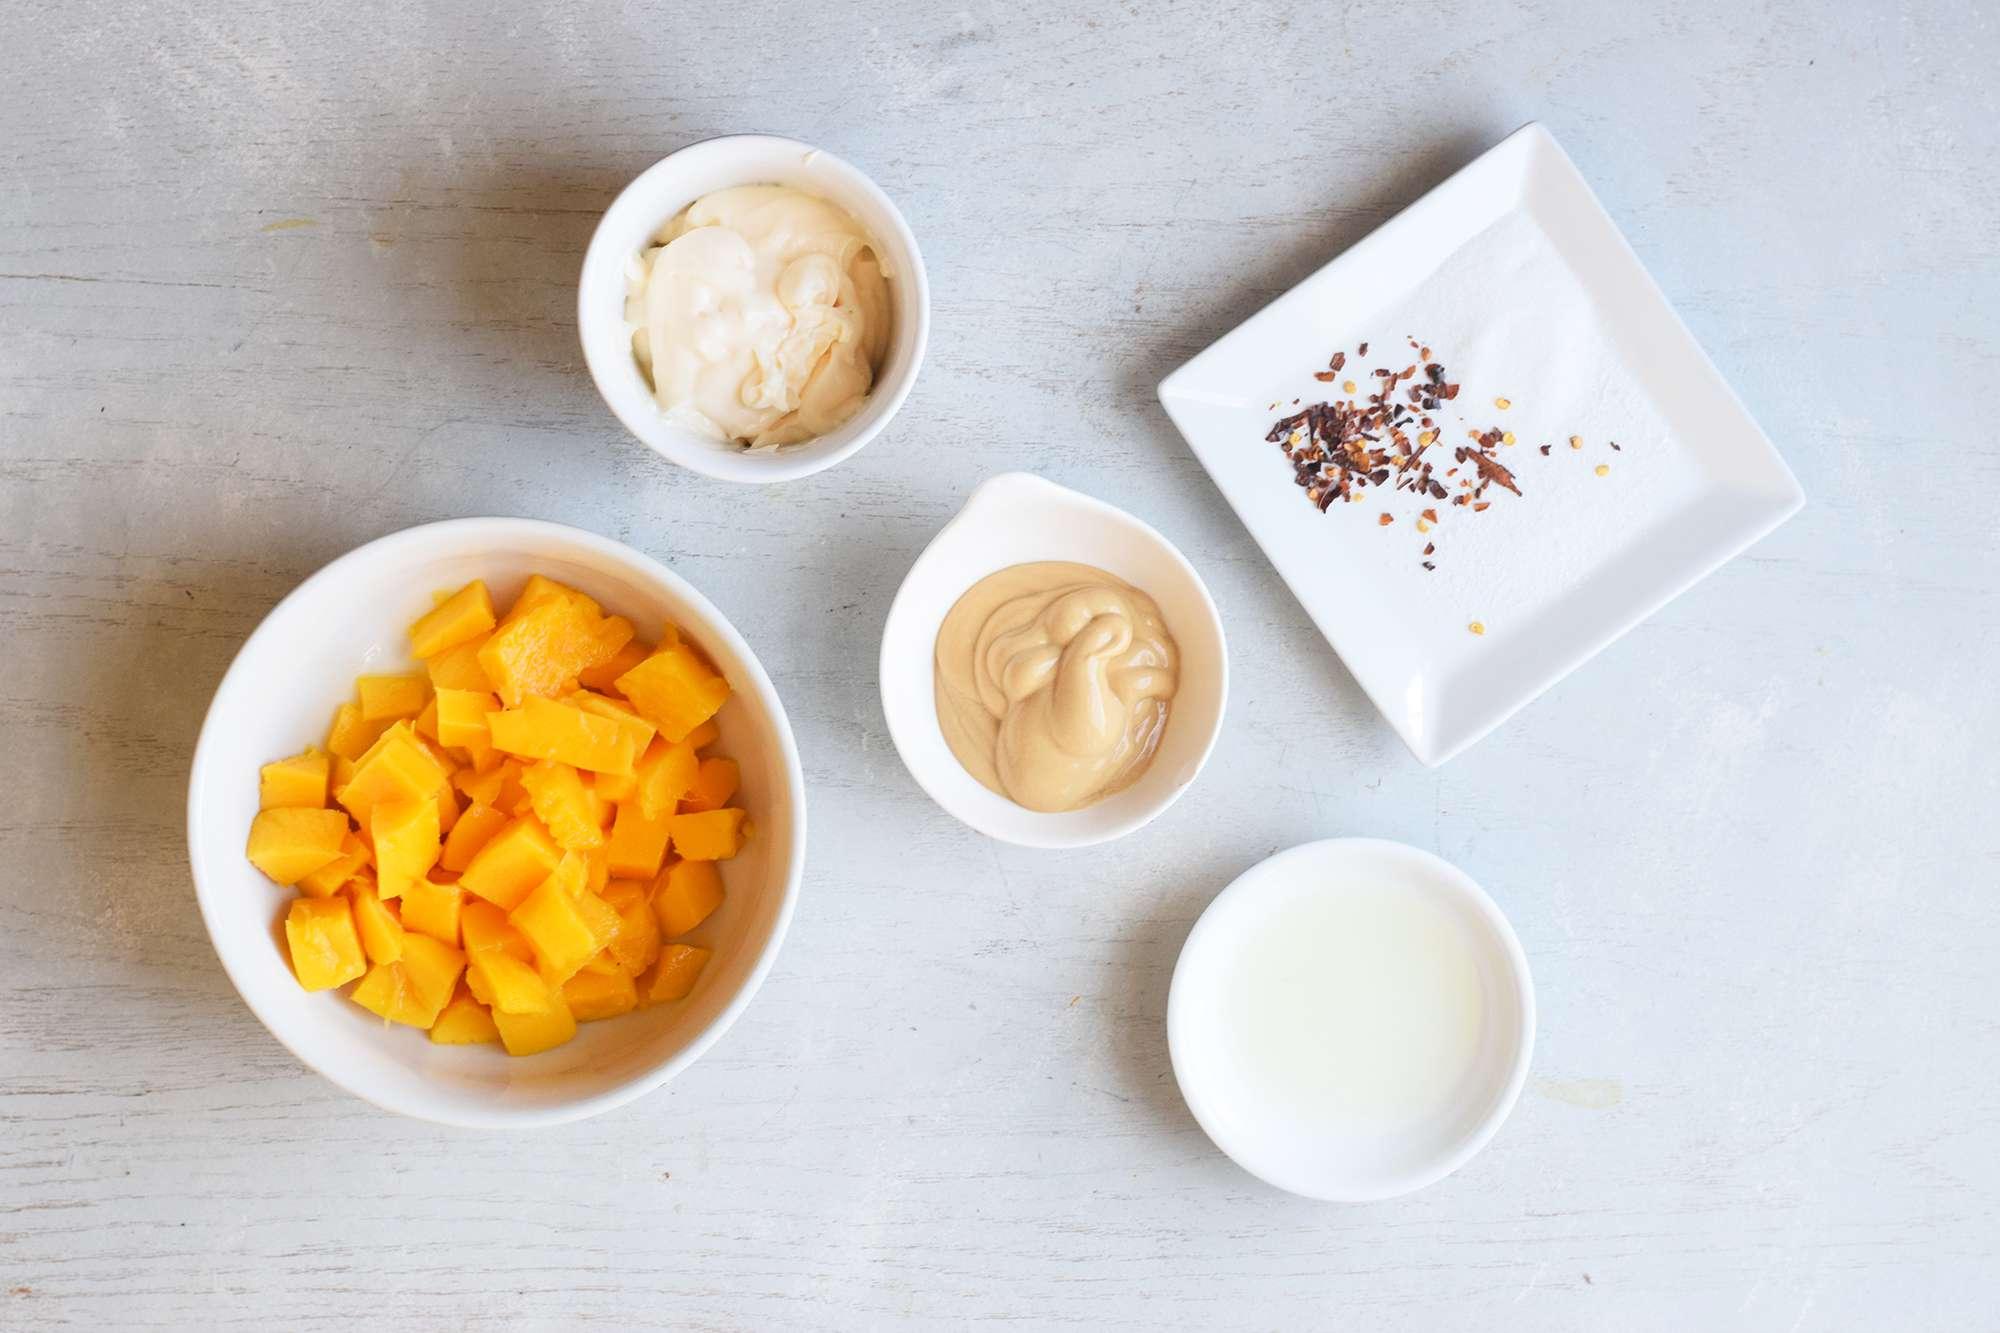 Mango mustard ingredients